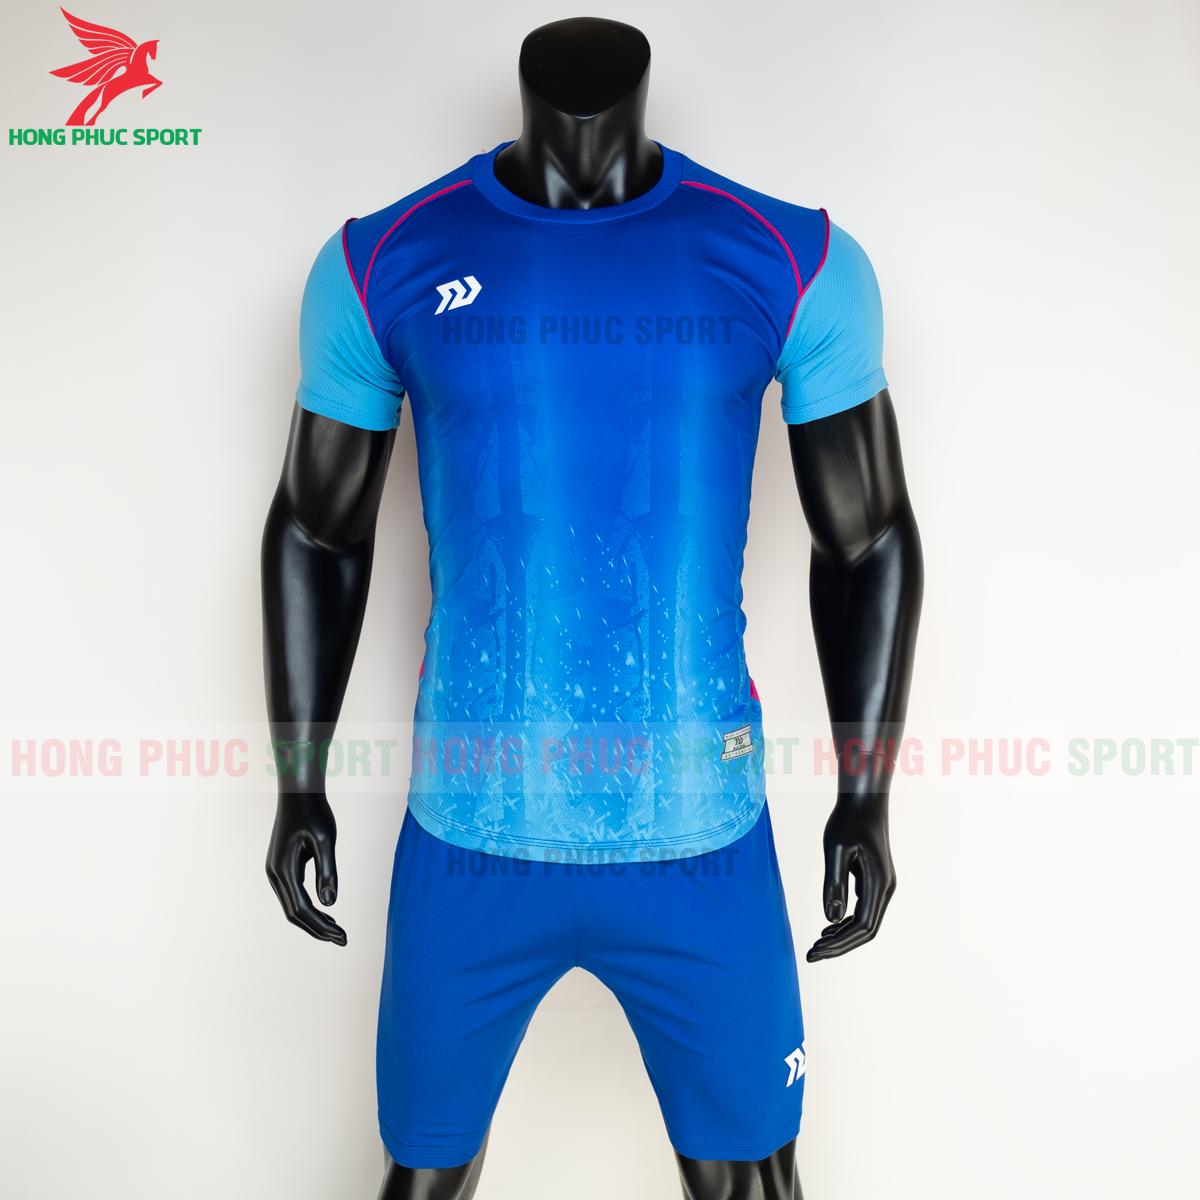 https://cdn.hongphucsport.com/unsafe/s4.shopbay.vn/files/285/ao-bong-da-khong-logo-bulbal-hades-mau-xanh-duong-2-604f32f7ce477.png